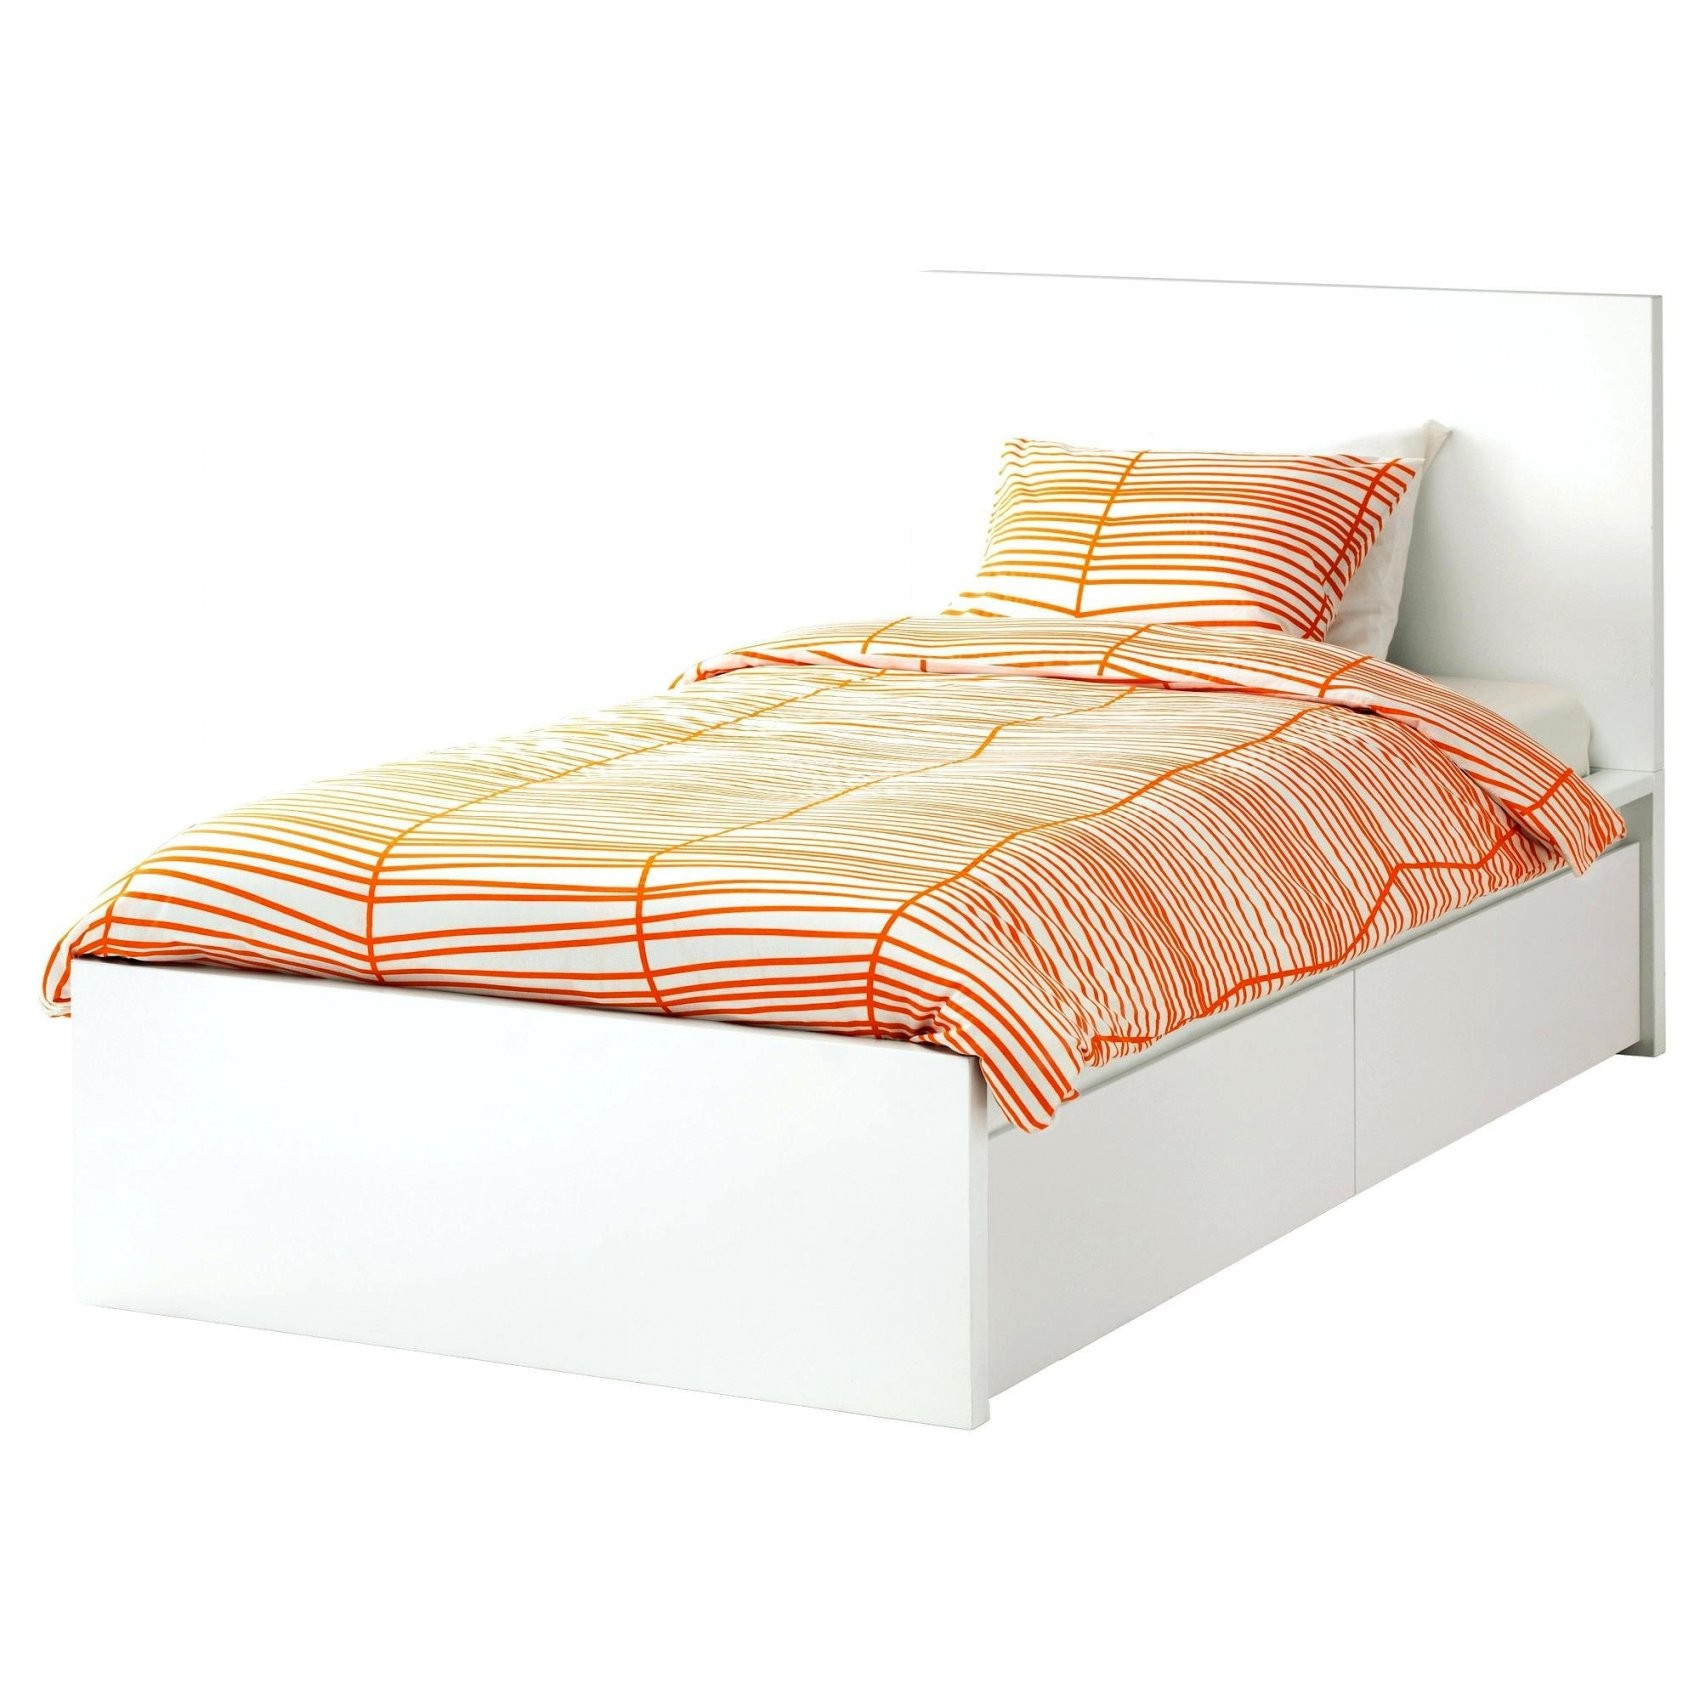 Cool Matratze 160X200 Dänisches Bettenlager Danisches Inspirierend von Bett 160X200 Dänisches Bettenlager Bild